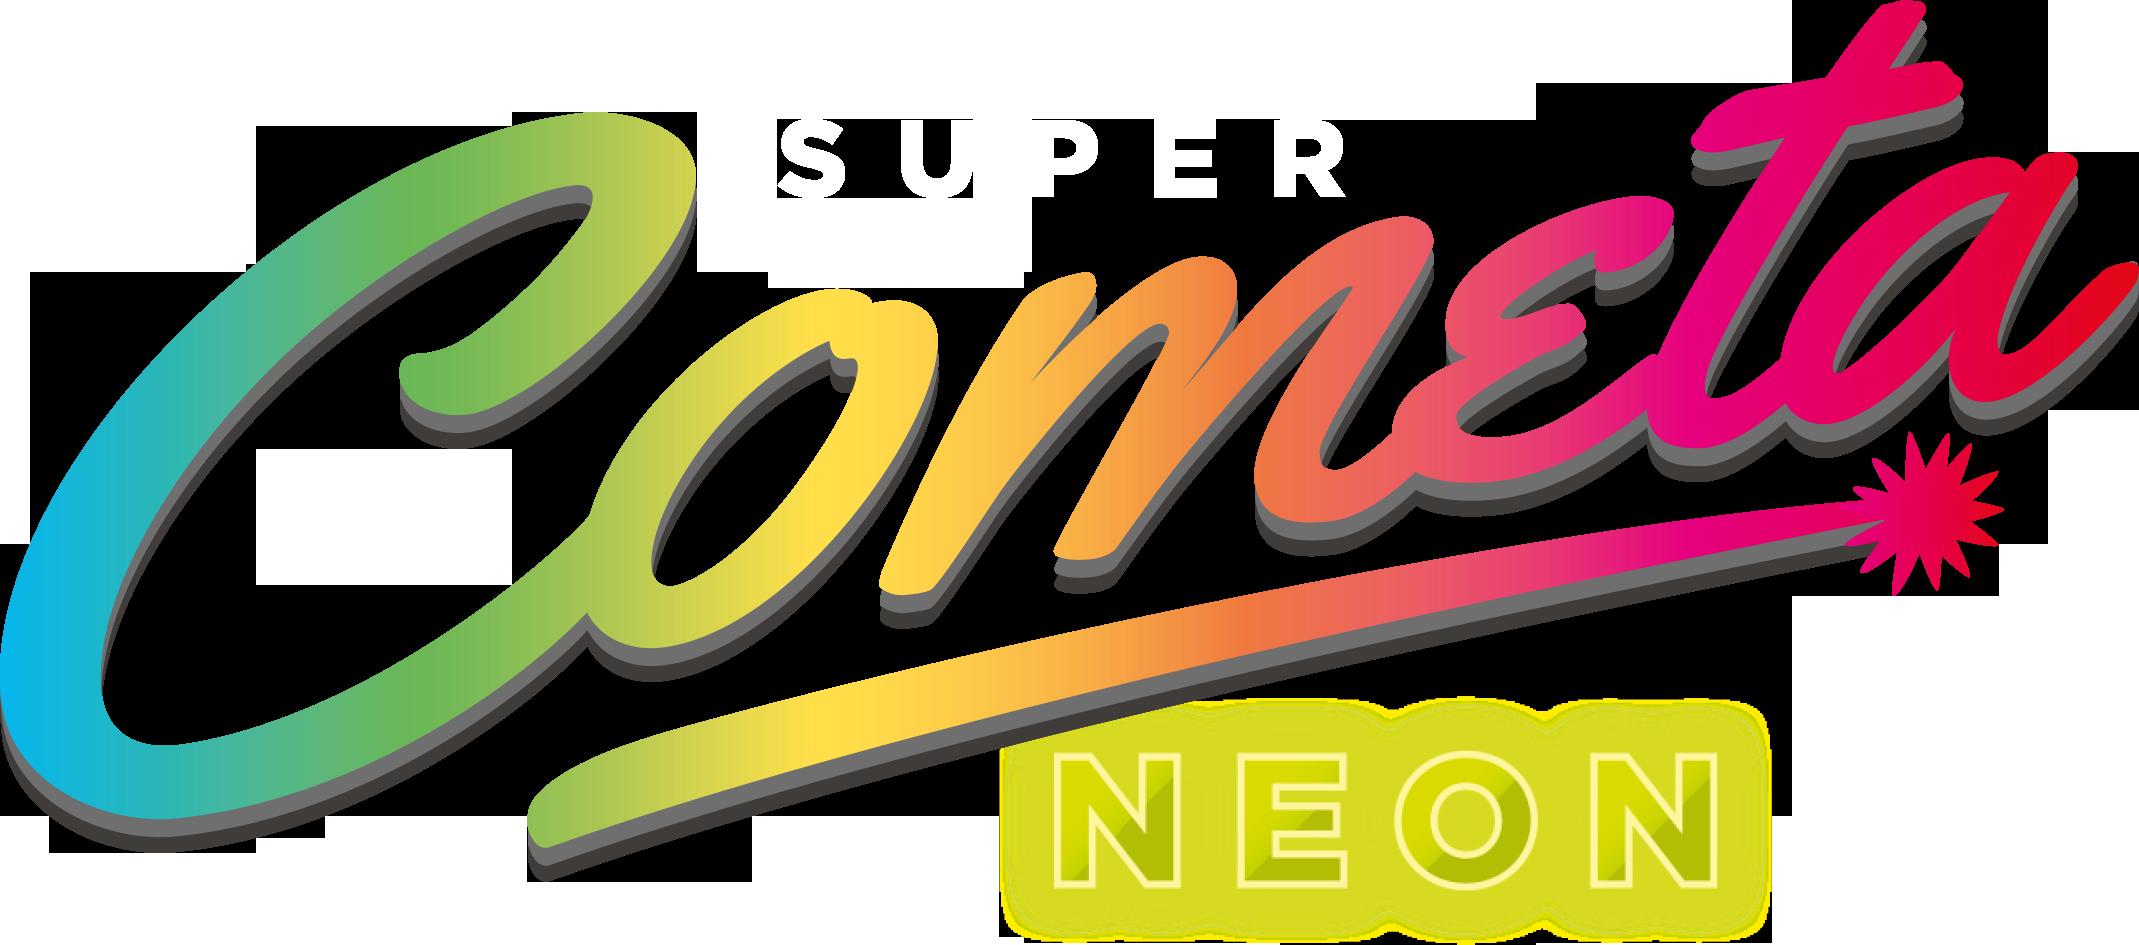 Super Cometa NEON